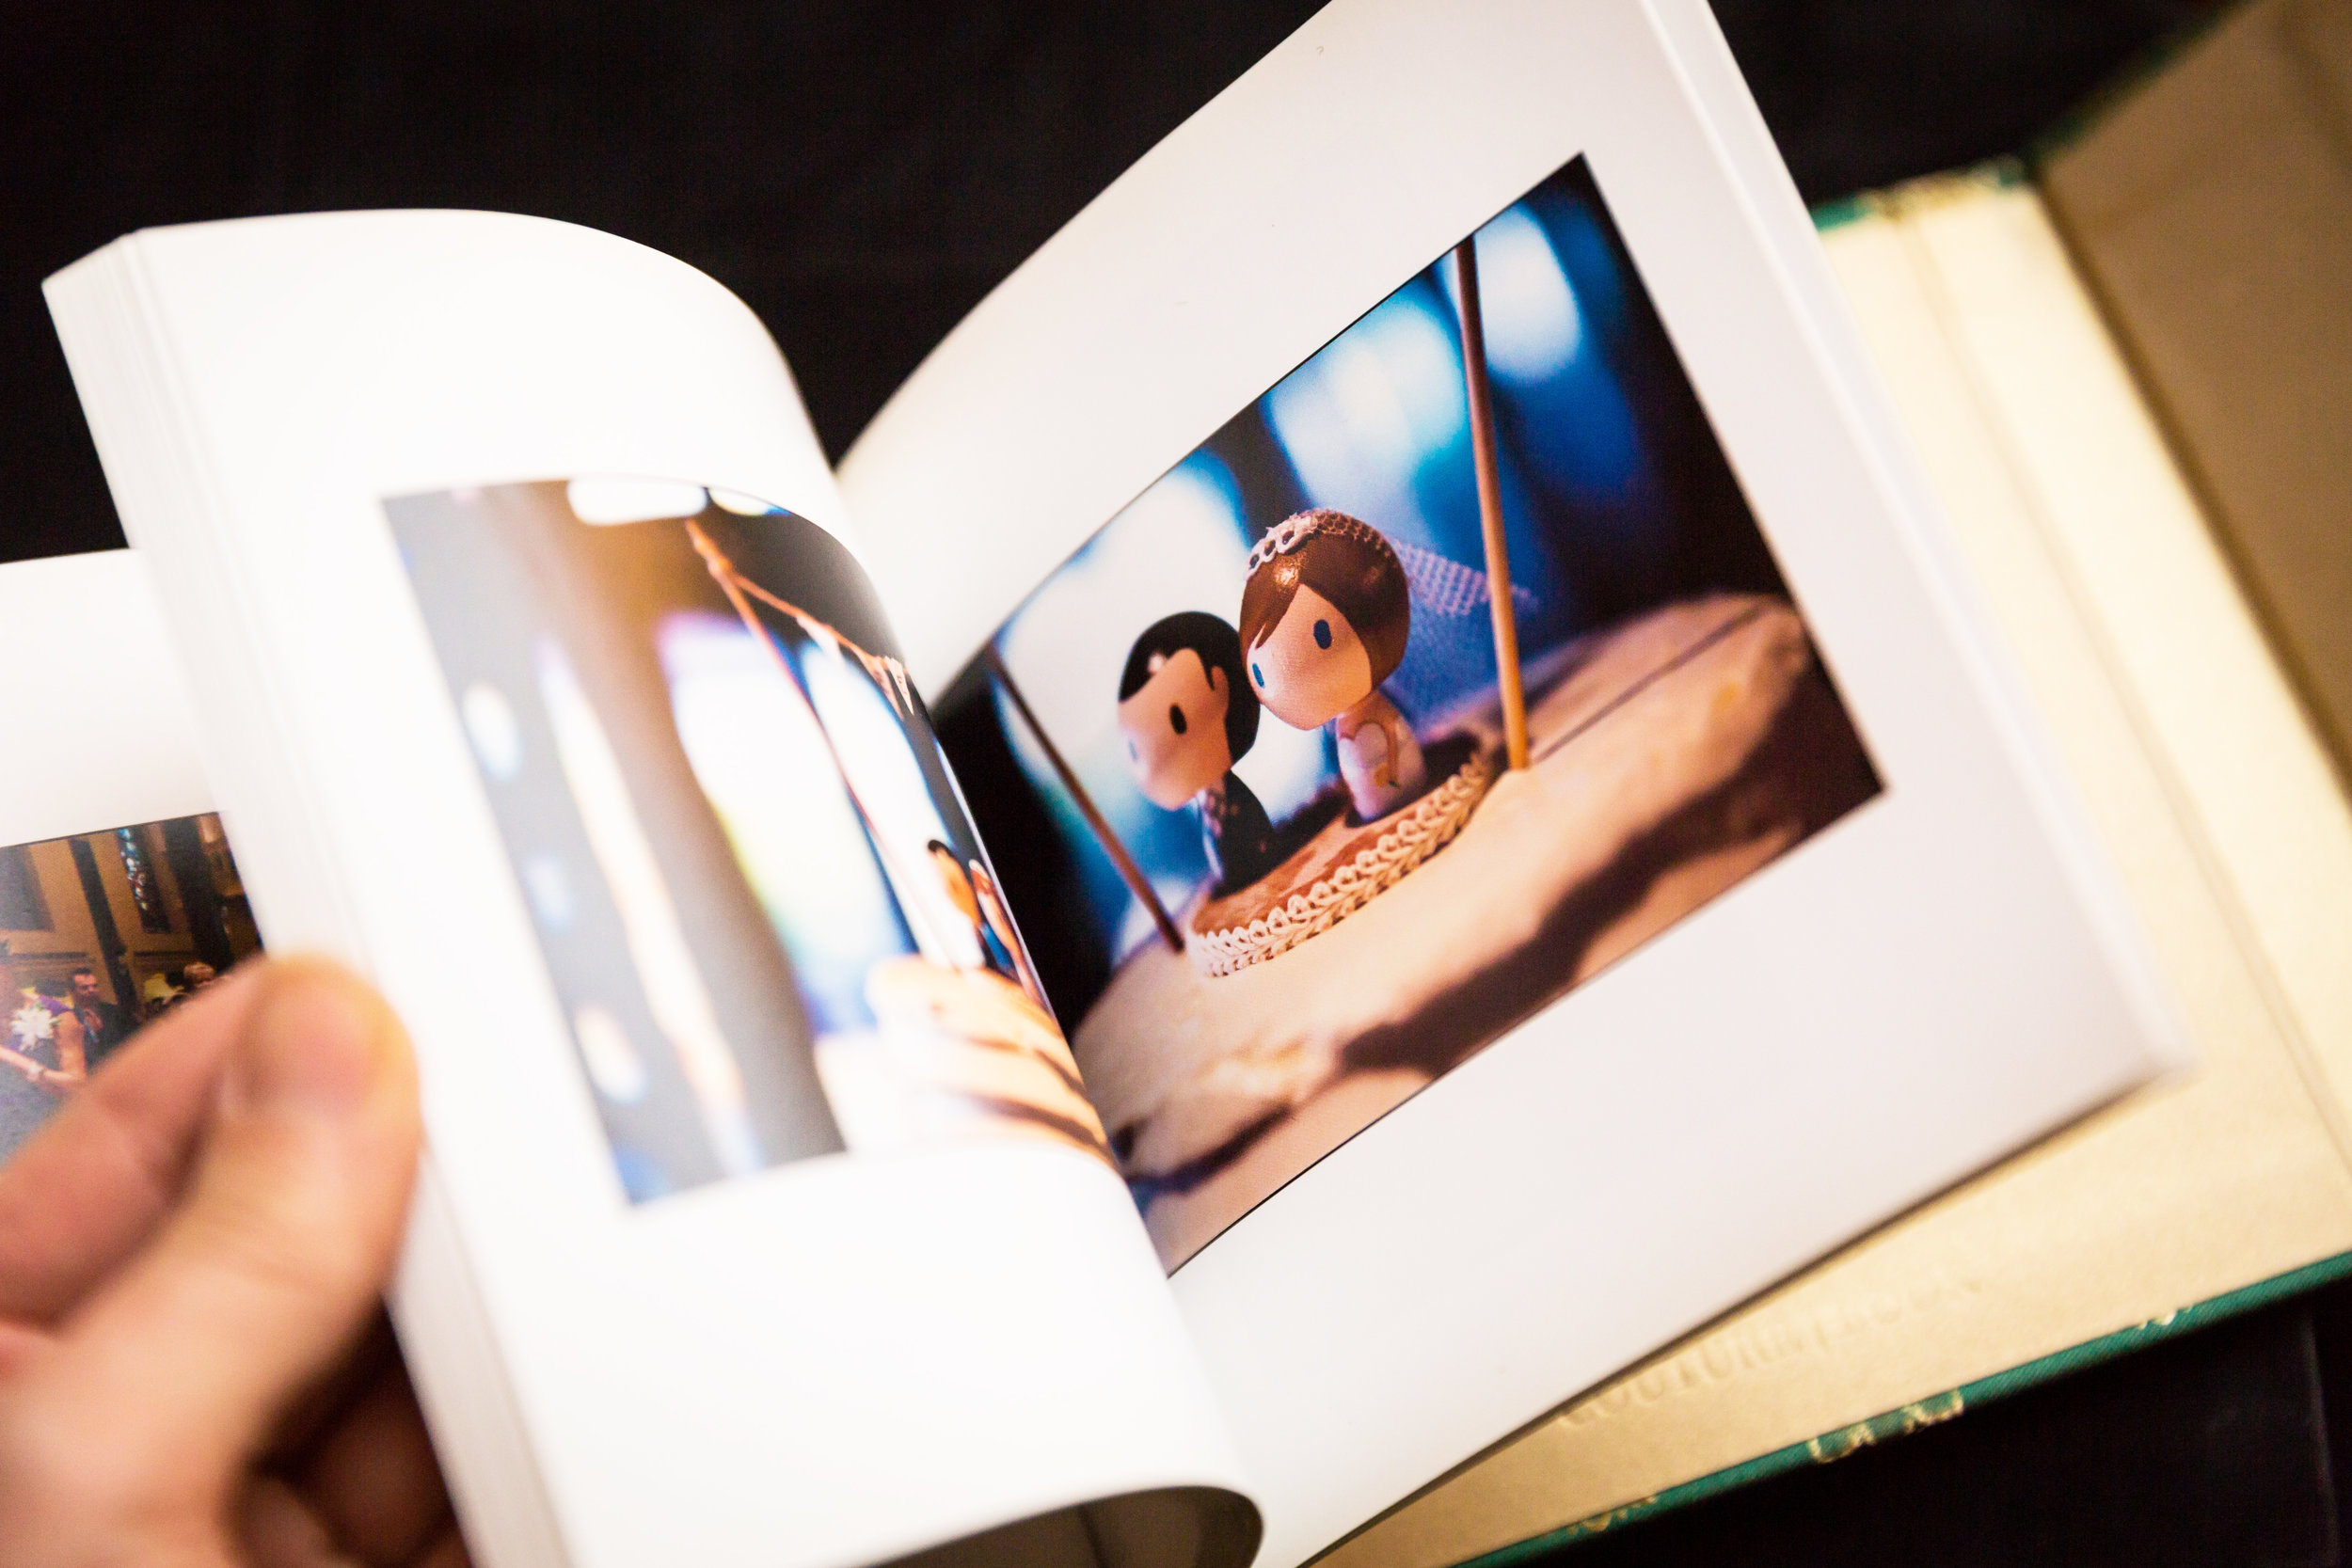 Hand flipping through wedding album